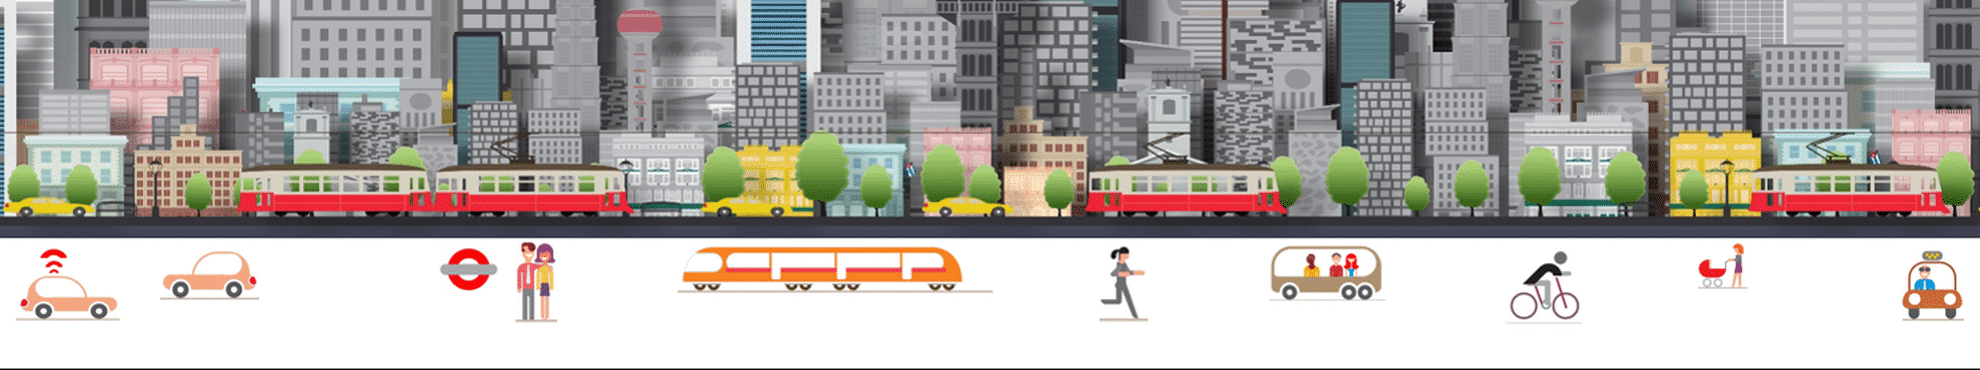 Future Urban Mobility